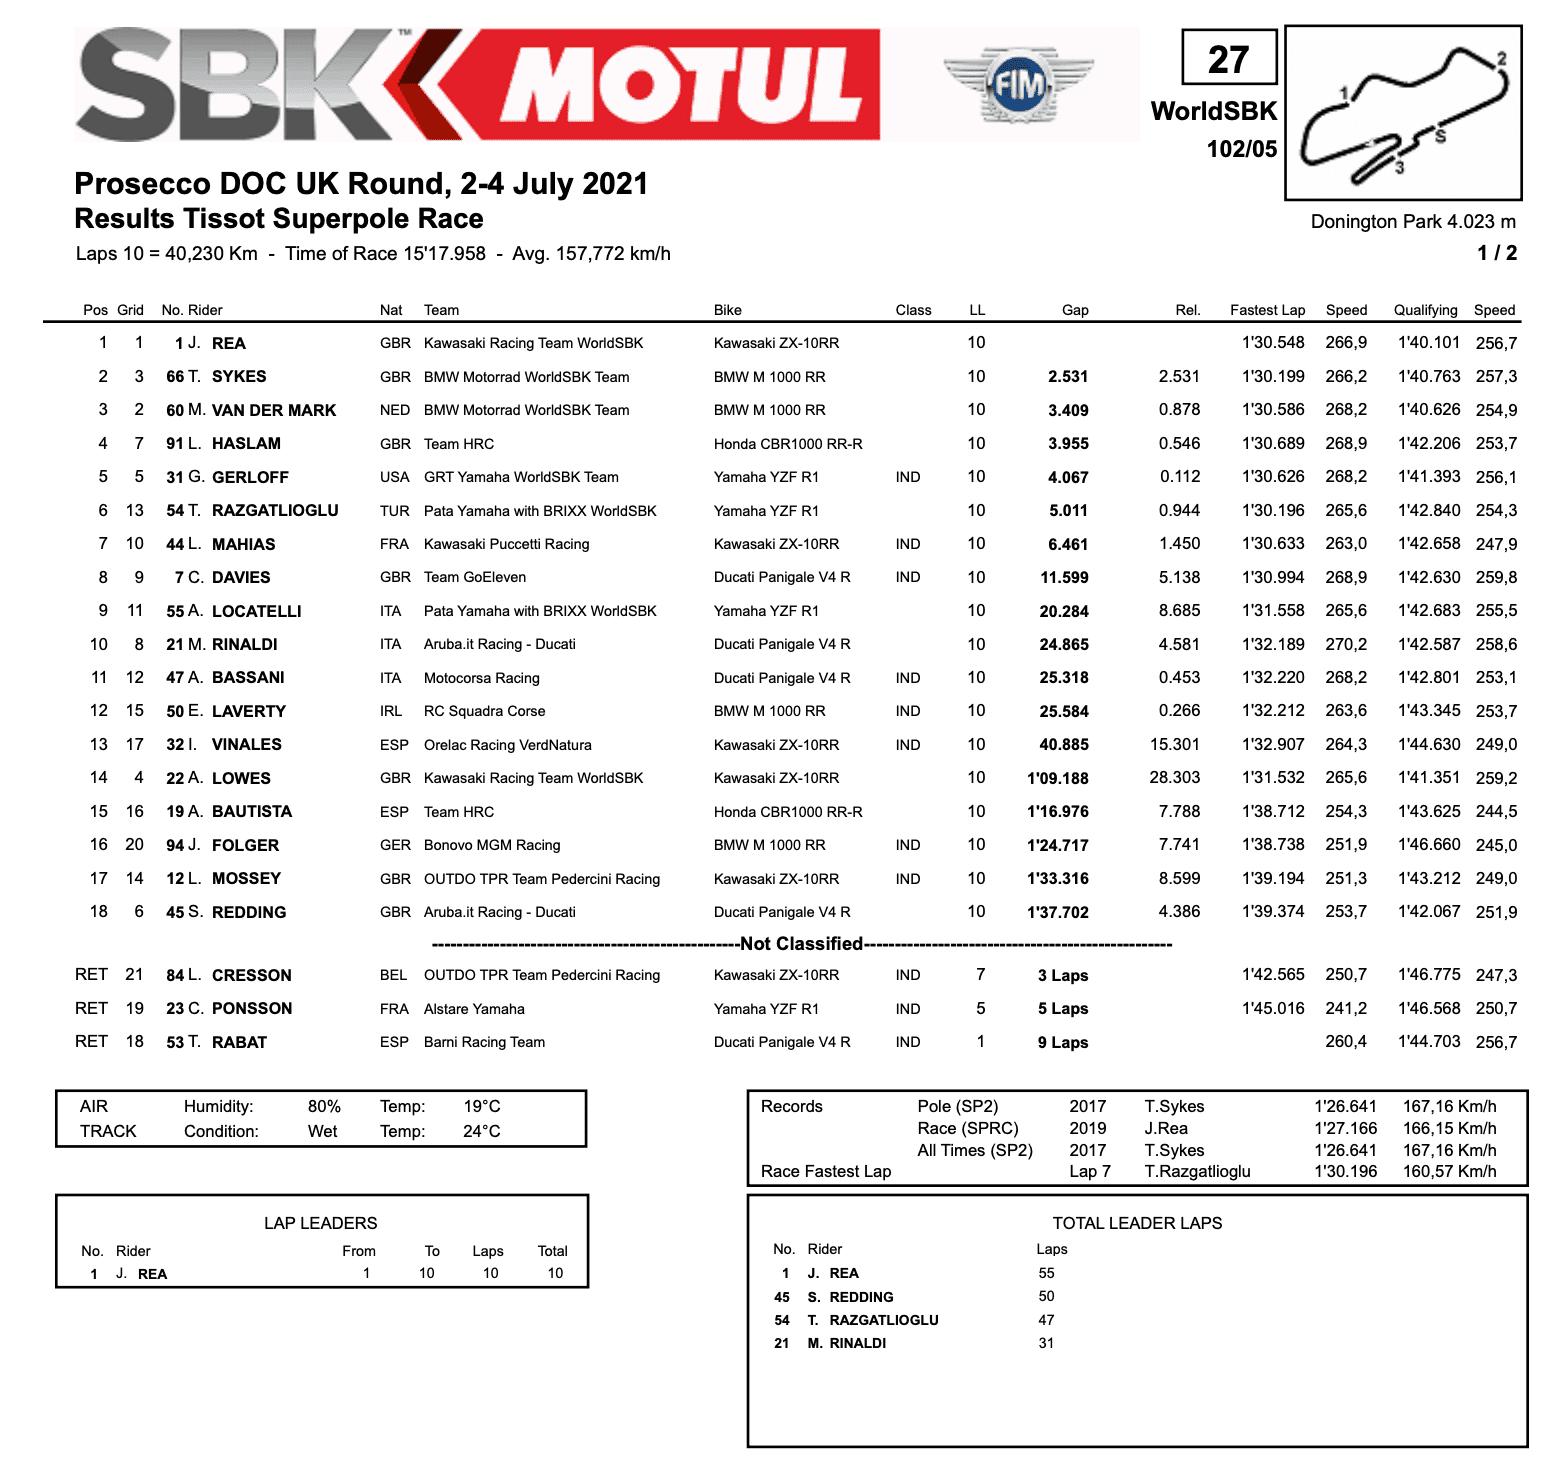 FIM スーパーバイク世界選手権(SBK)イギリス戦 スーパーポールレースでジョナサン・レイが優勝